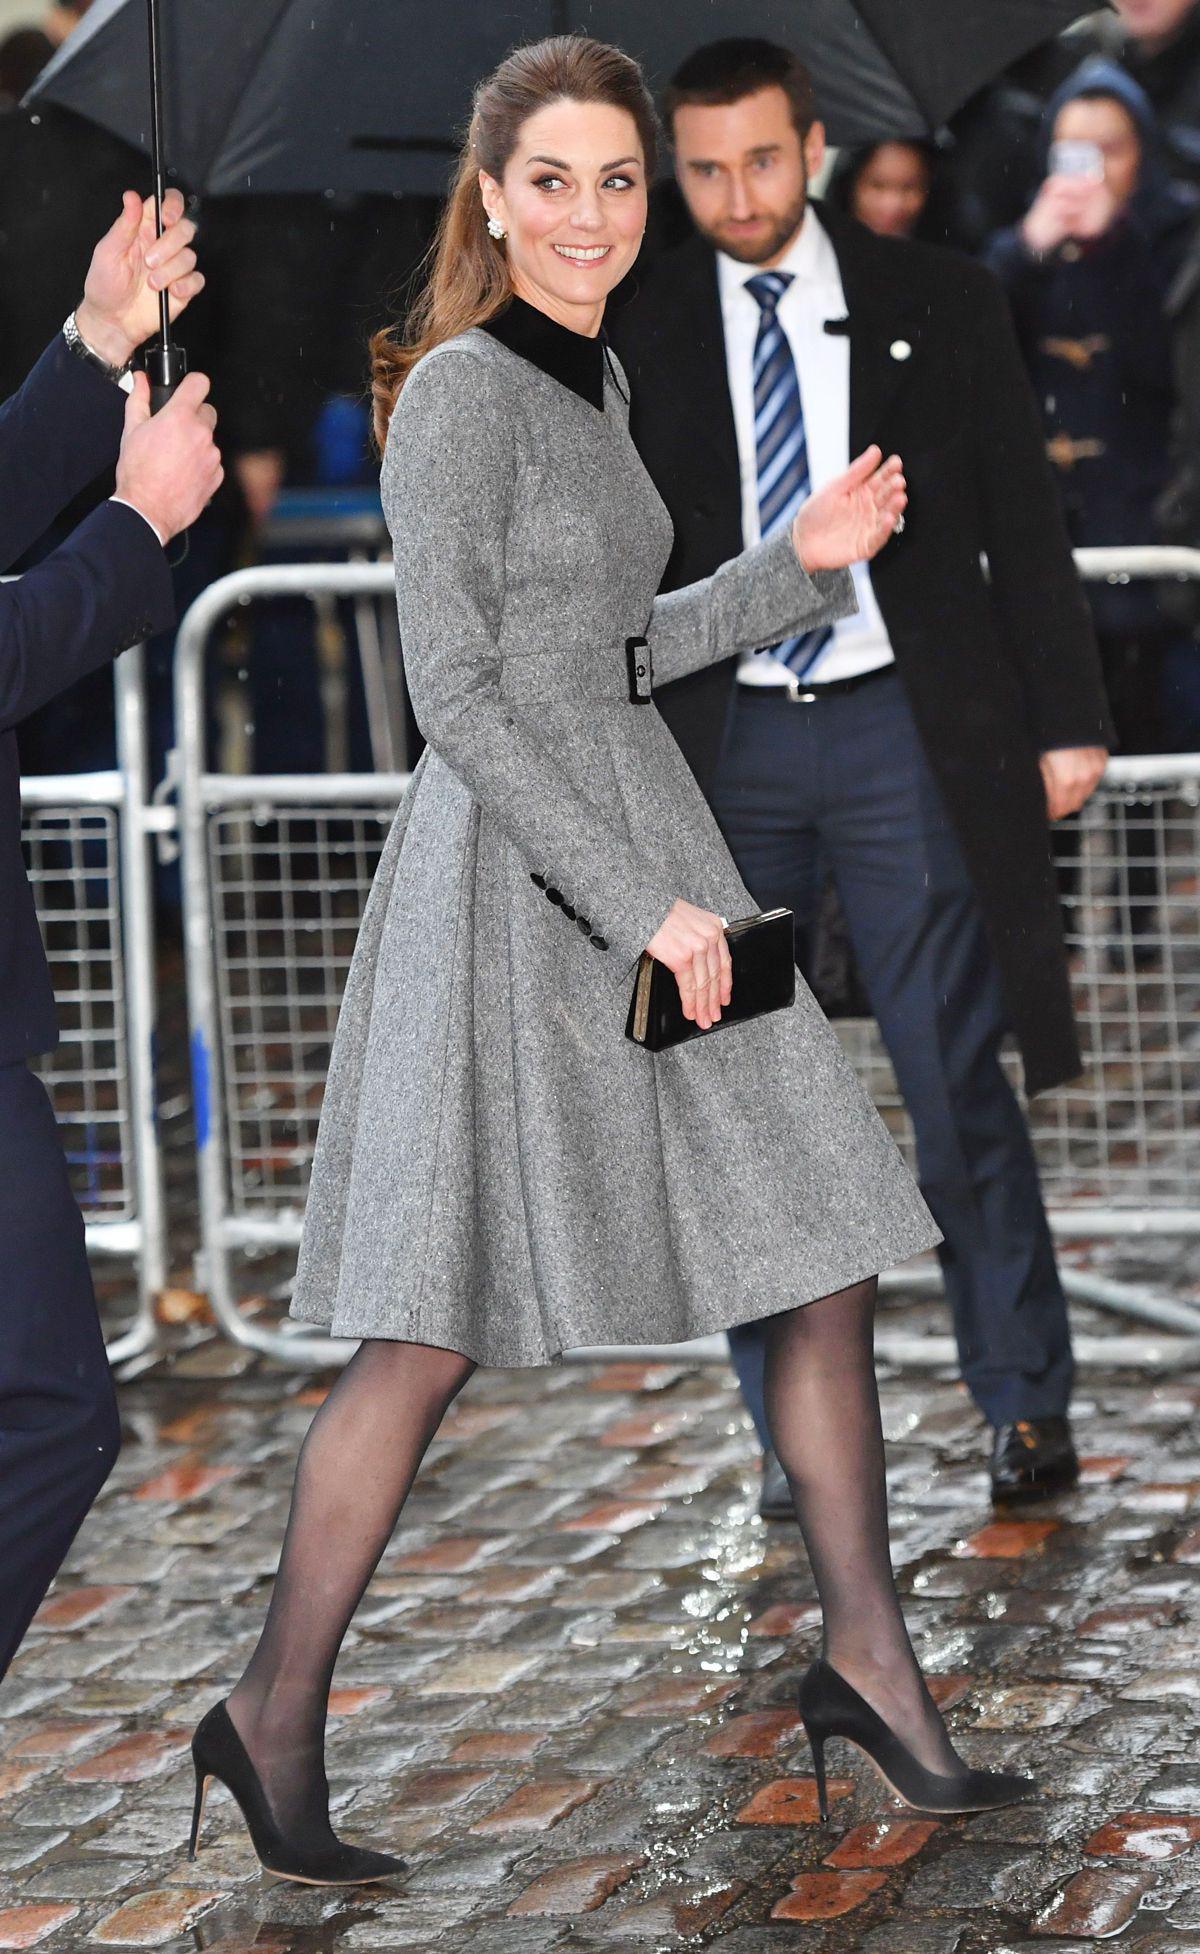 Mùa Hè chăm diện váy vóc, học theo Công nương Kate cách chọn giày với váy thì style của các chị em còn thăng điểm vài phần Ảnh 6